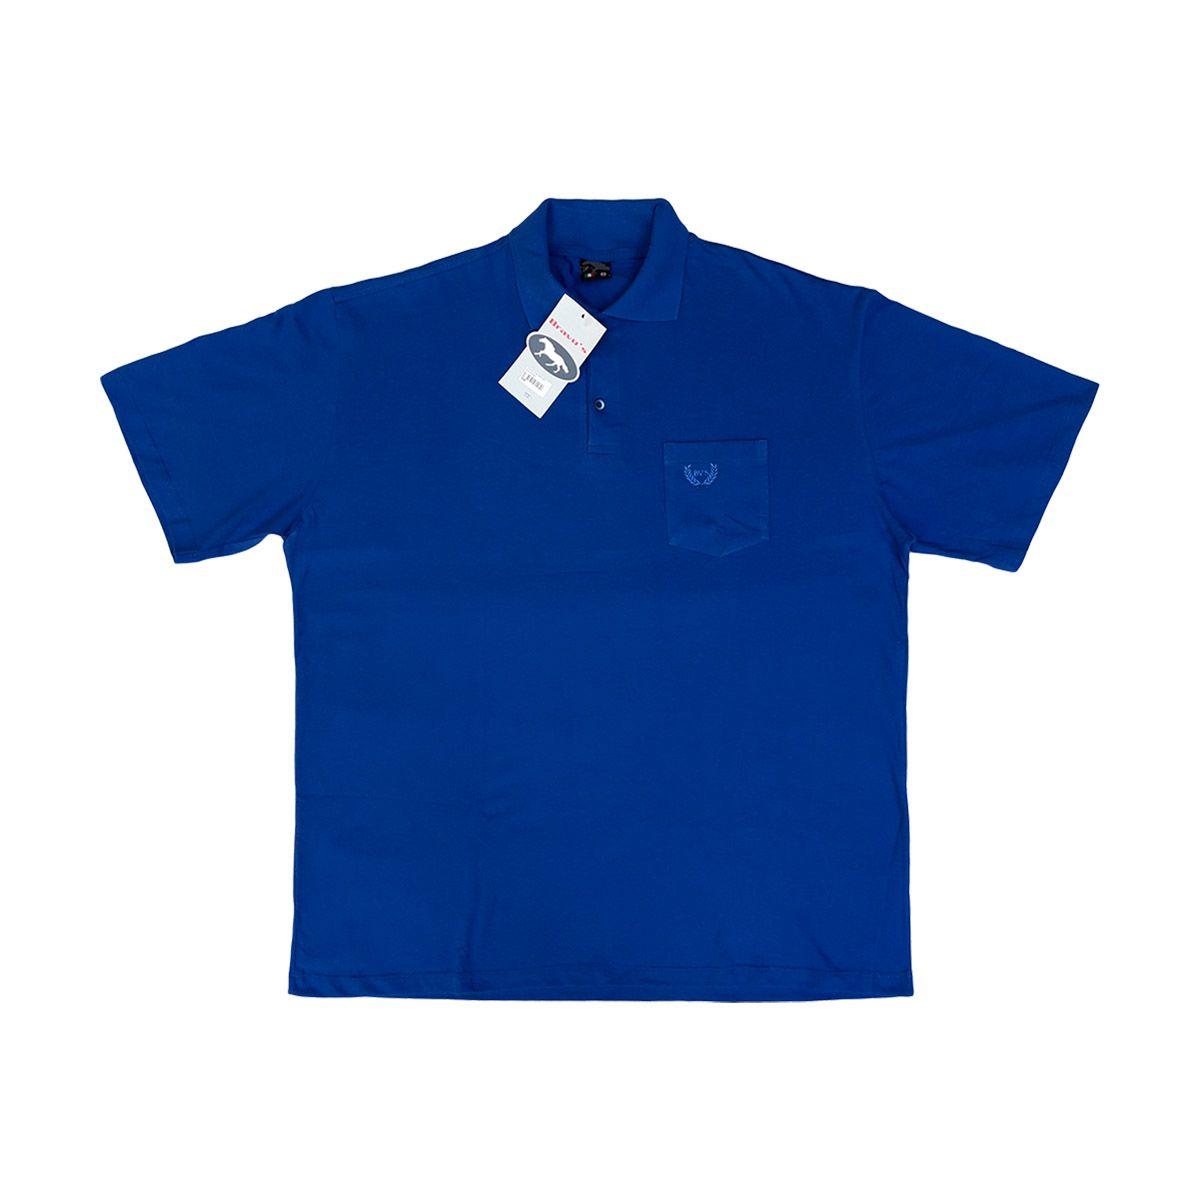 Kit Bermuda Jeans E Camisa Polo Masculina Plus Size 56 E G3